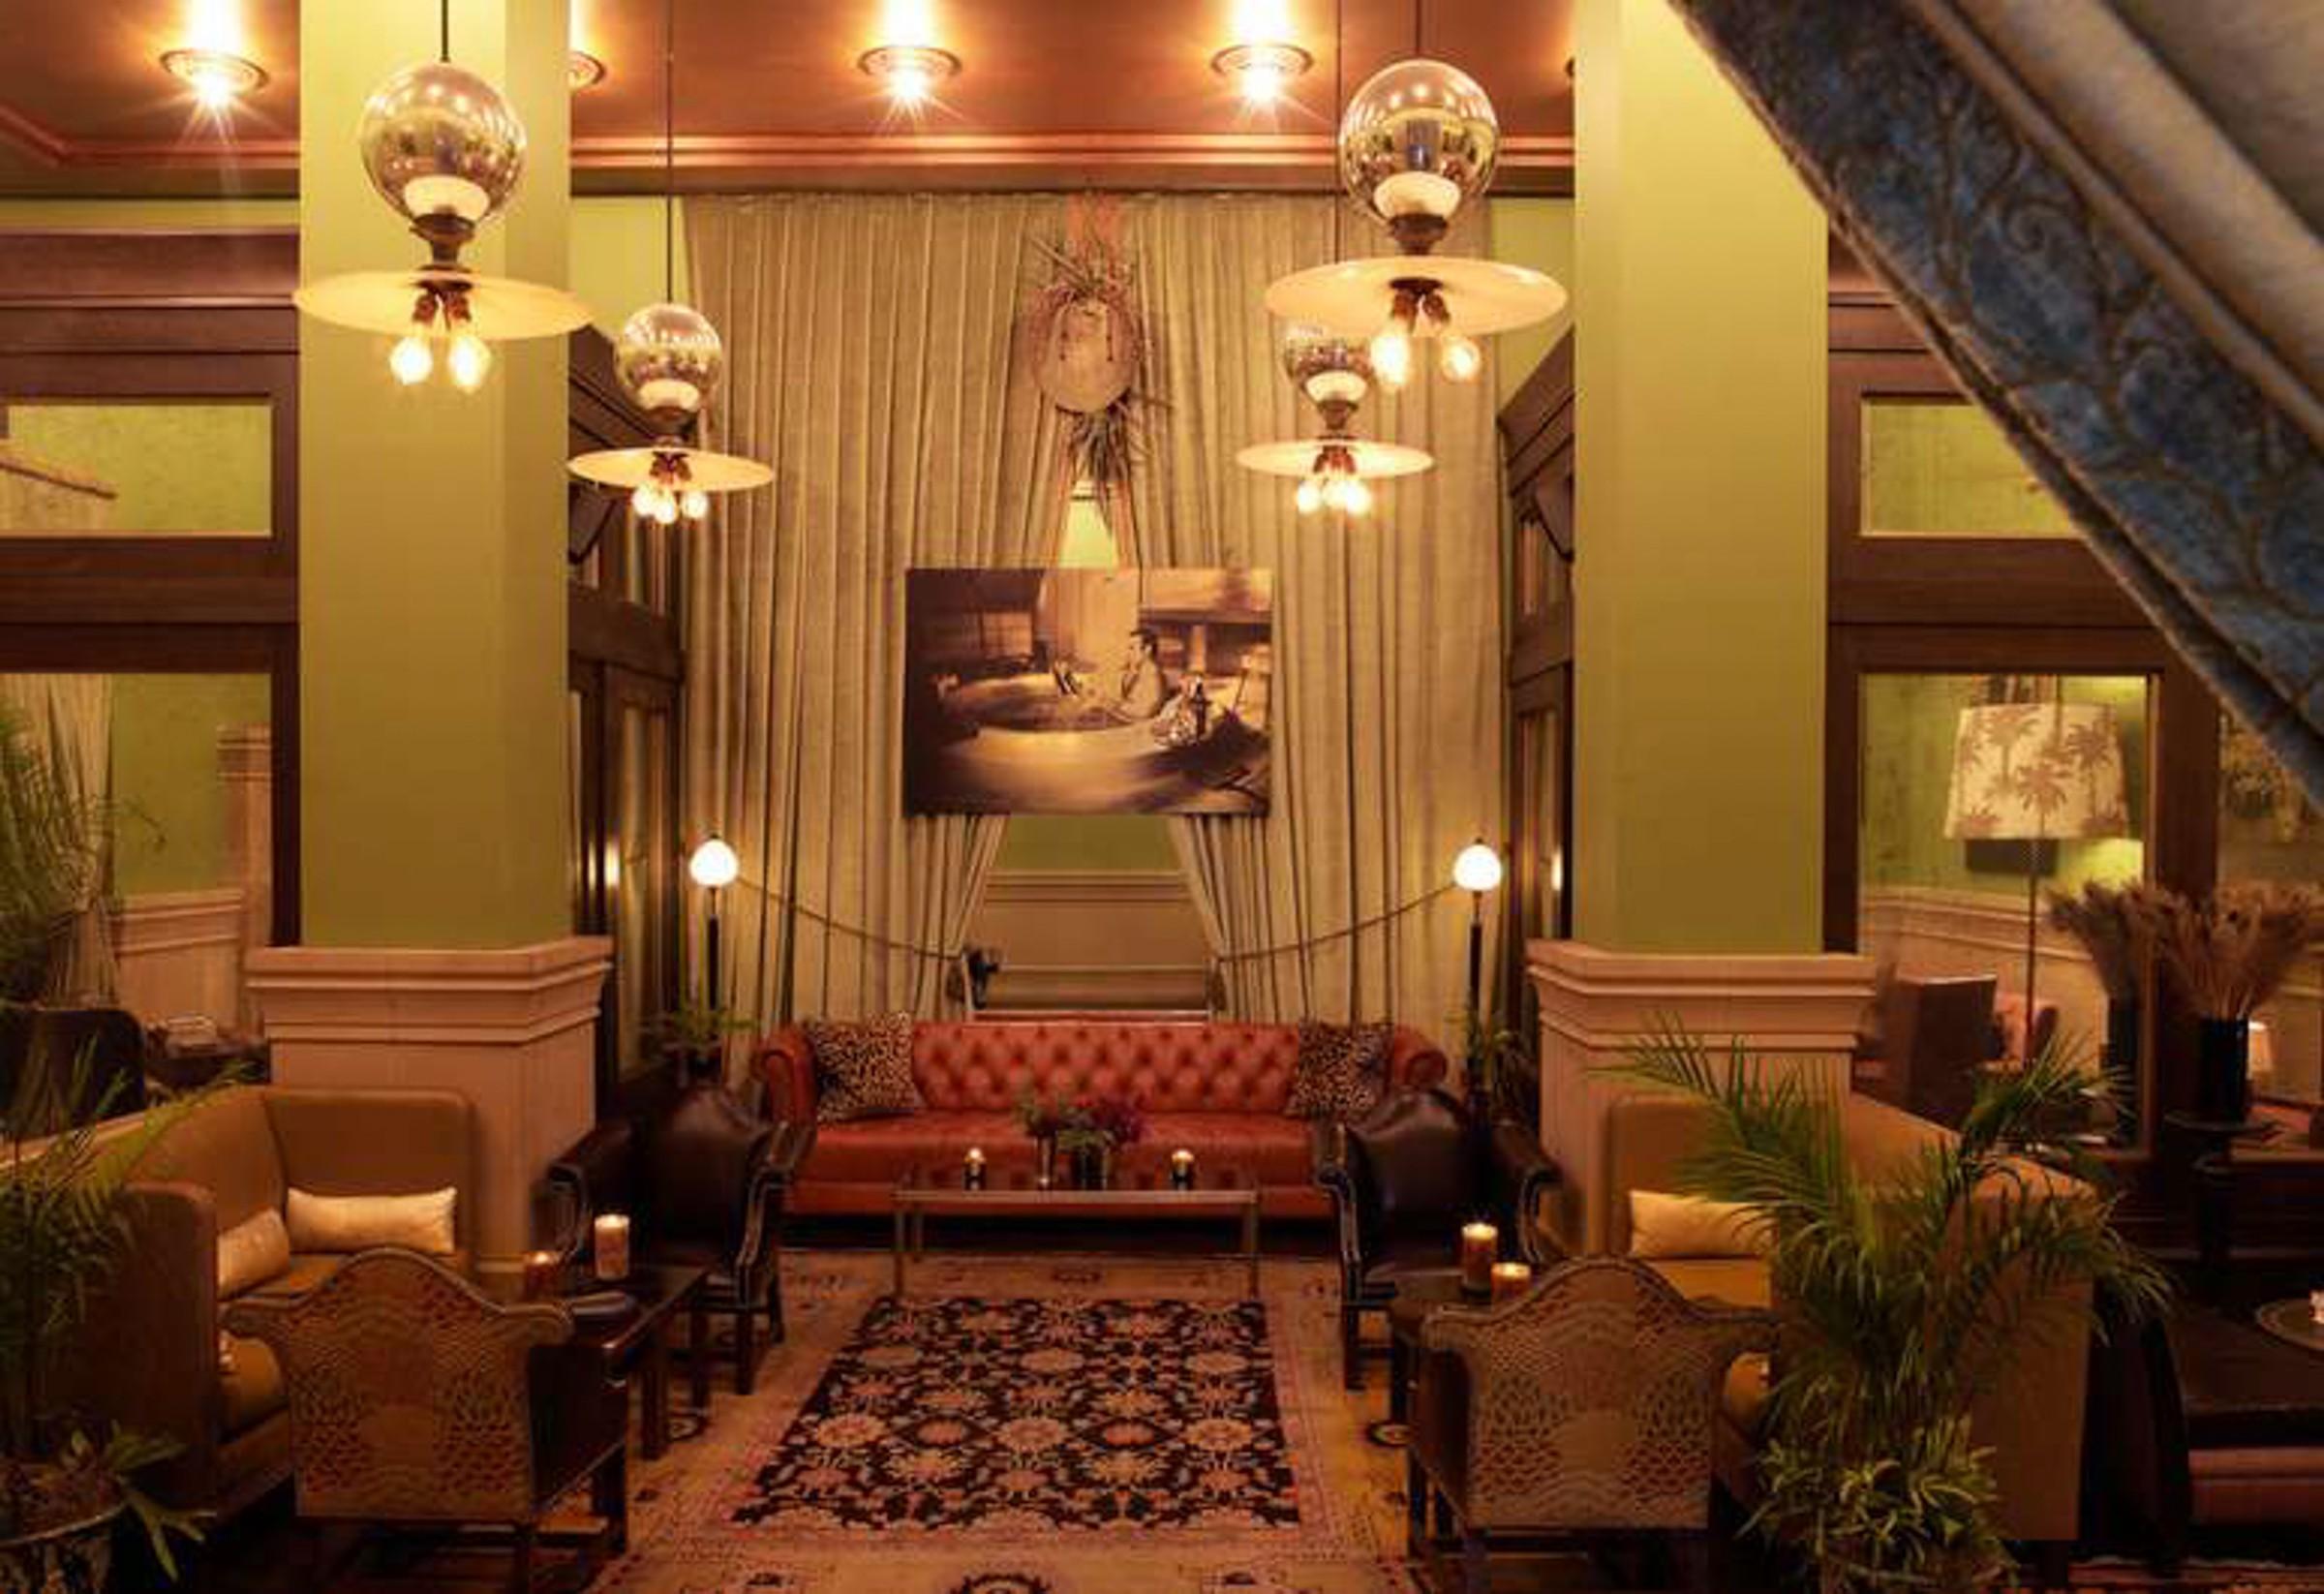 Courtesy of Soho Grand Hotel / Hotels.com